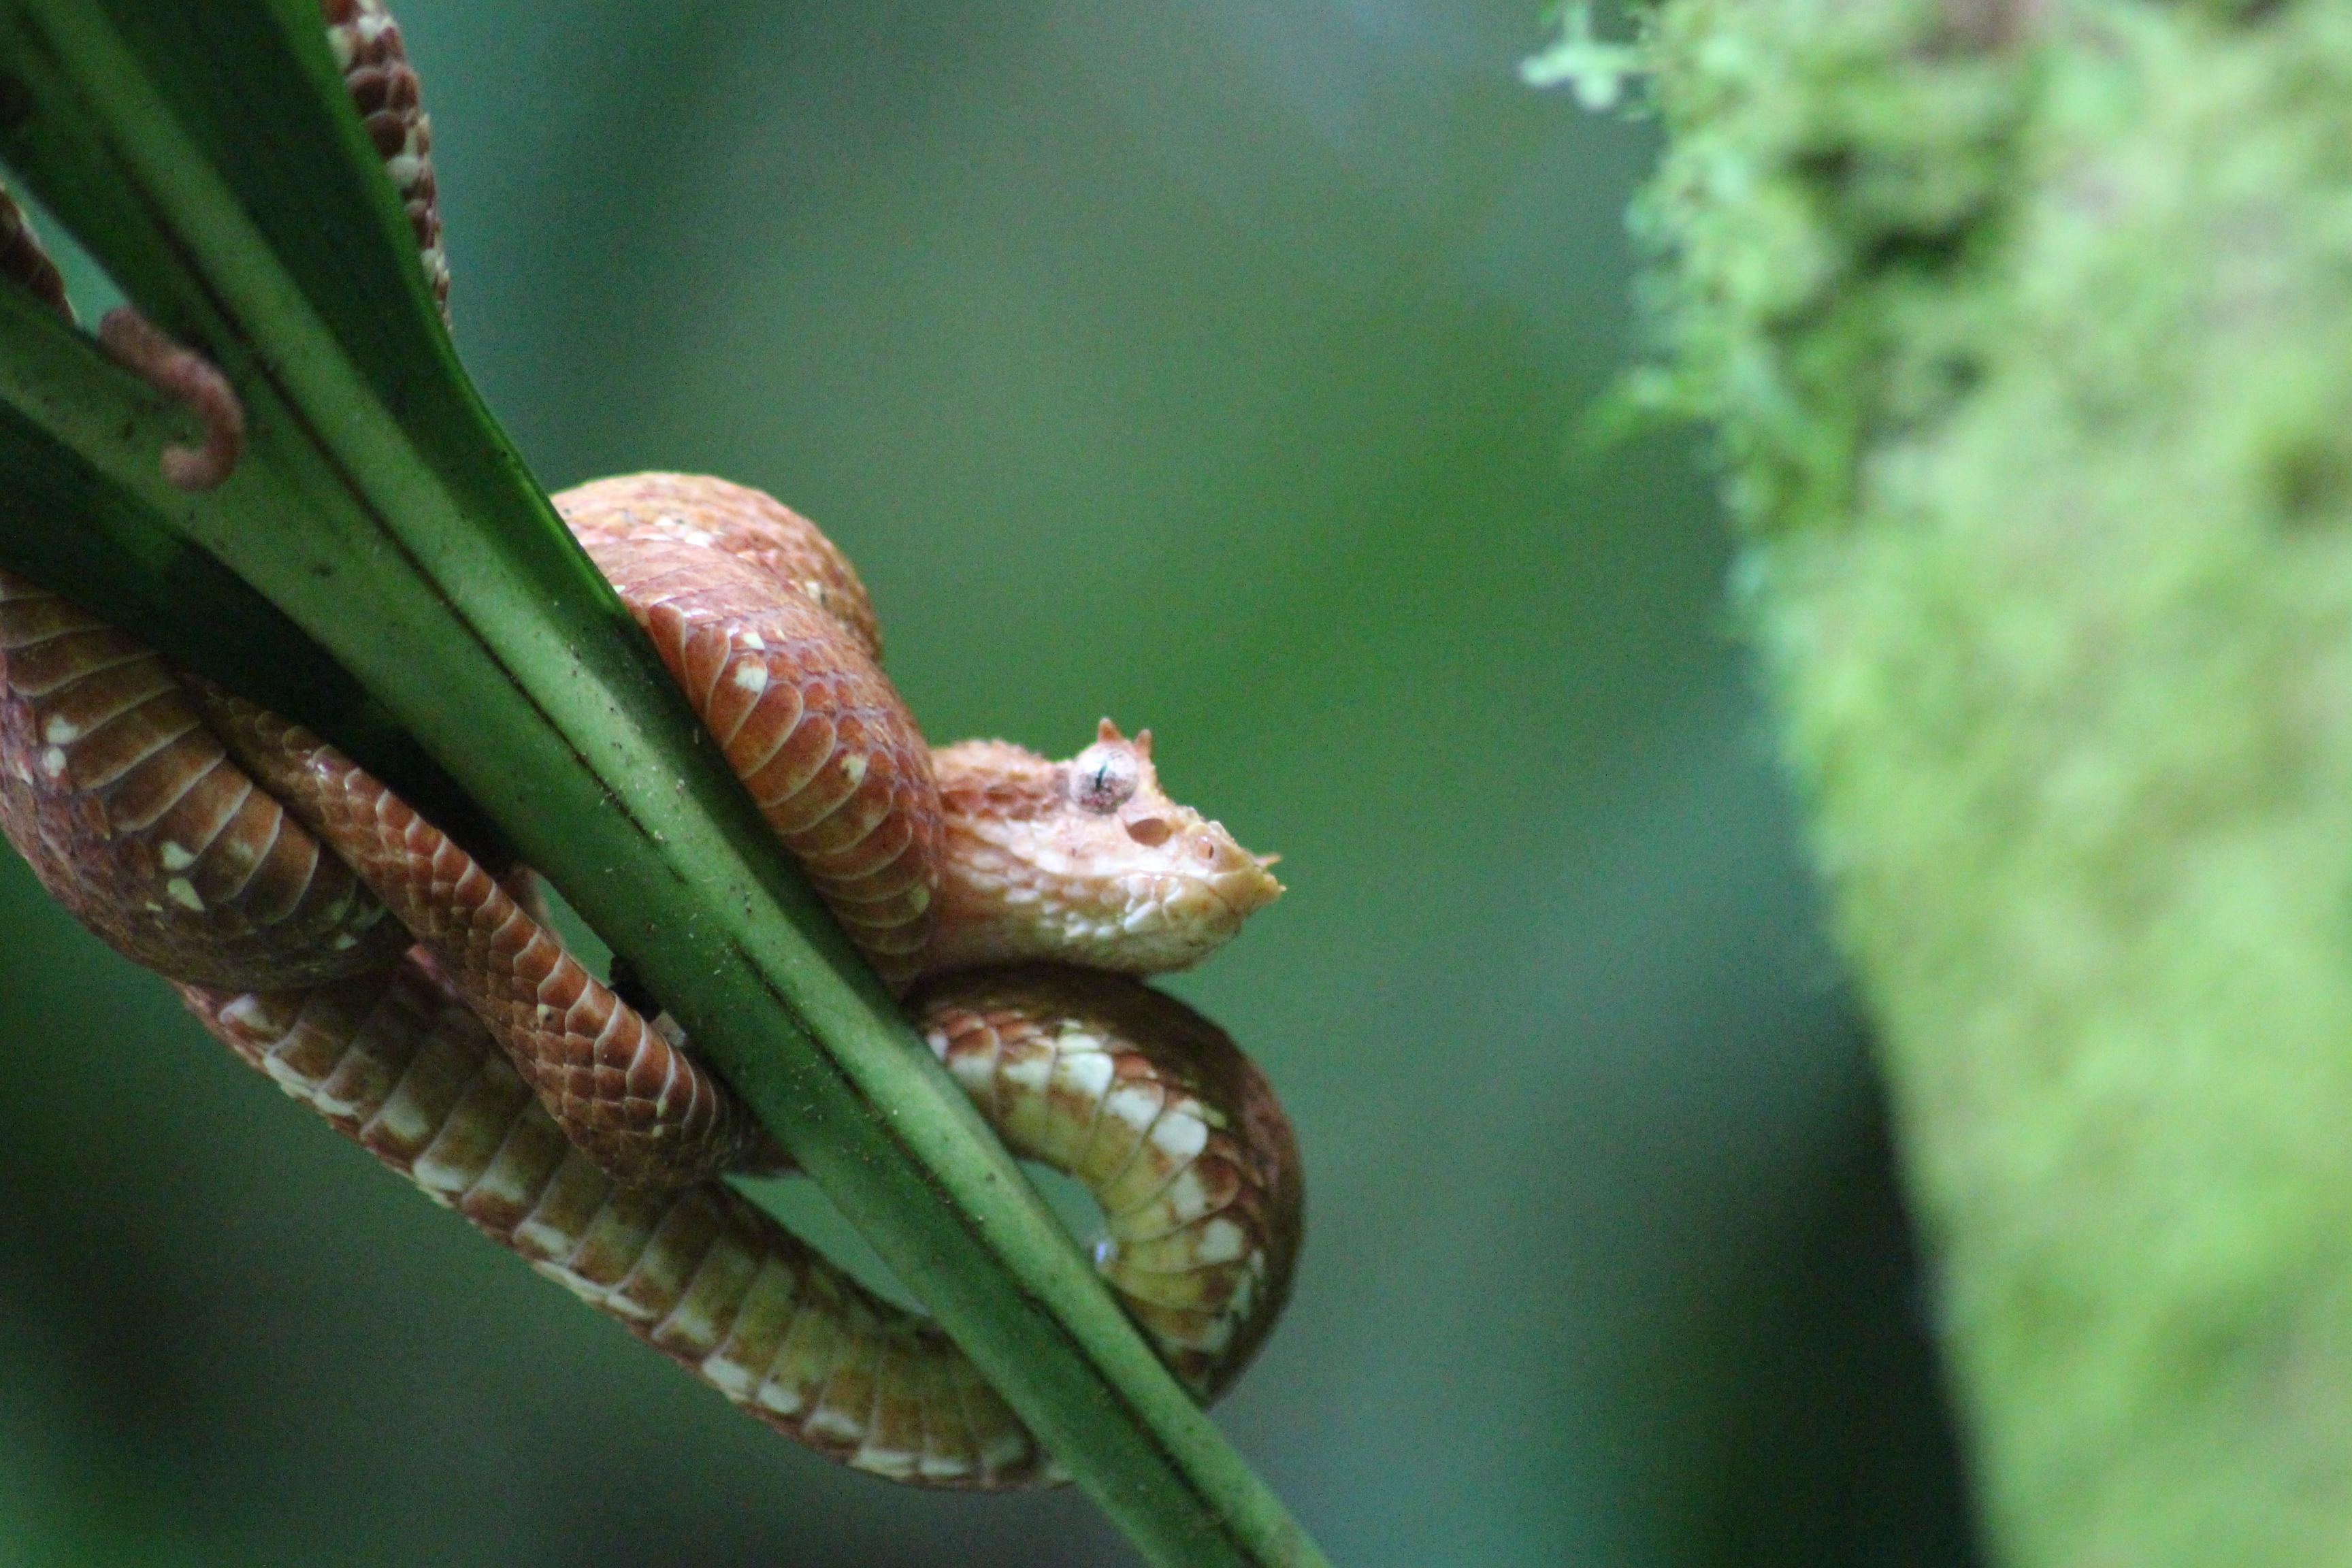 Certaines personnes ont tellement peur des serpents qu'on parle de phobie. C'est l'ophiophobie.